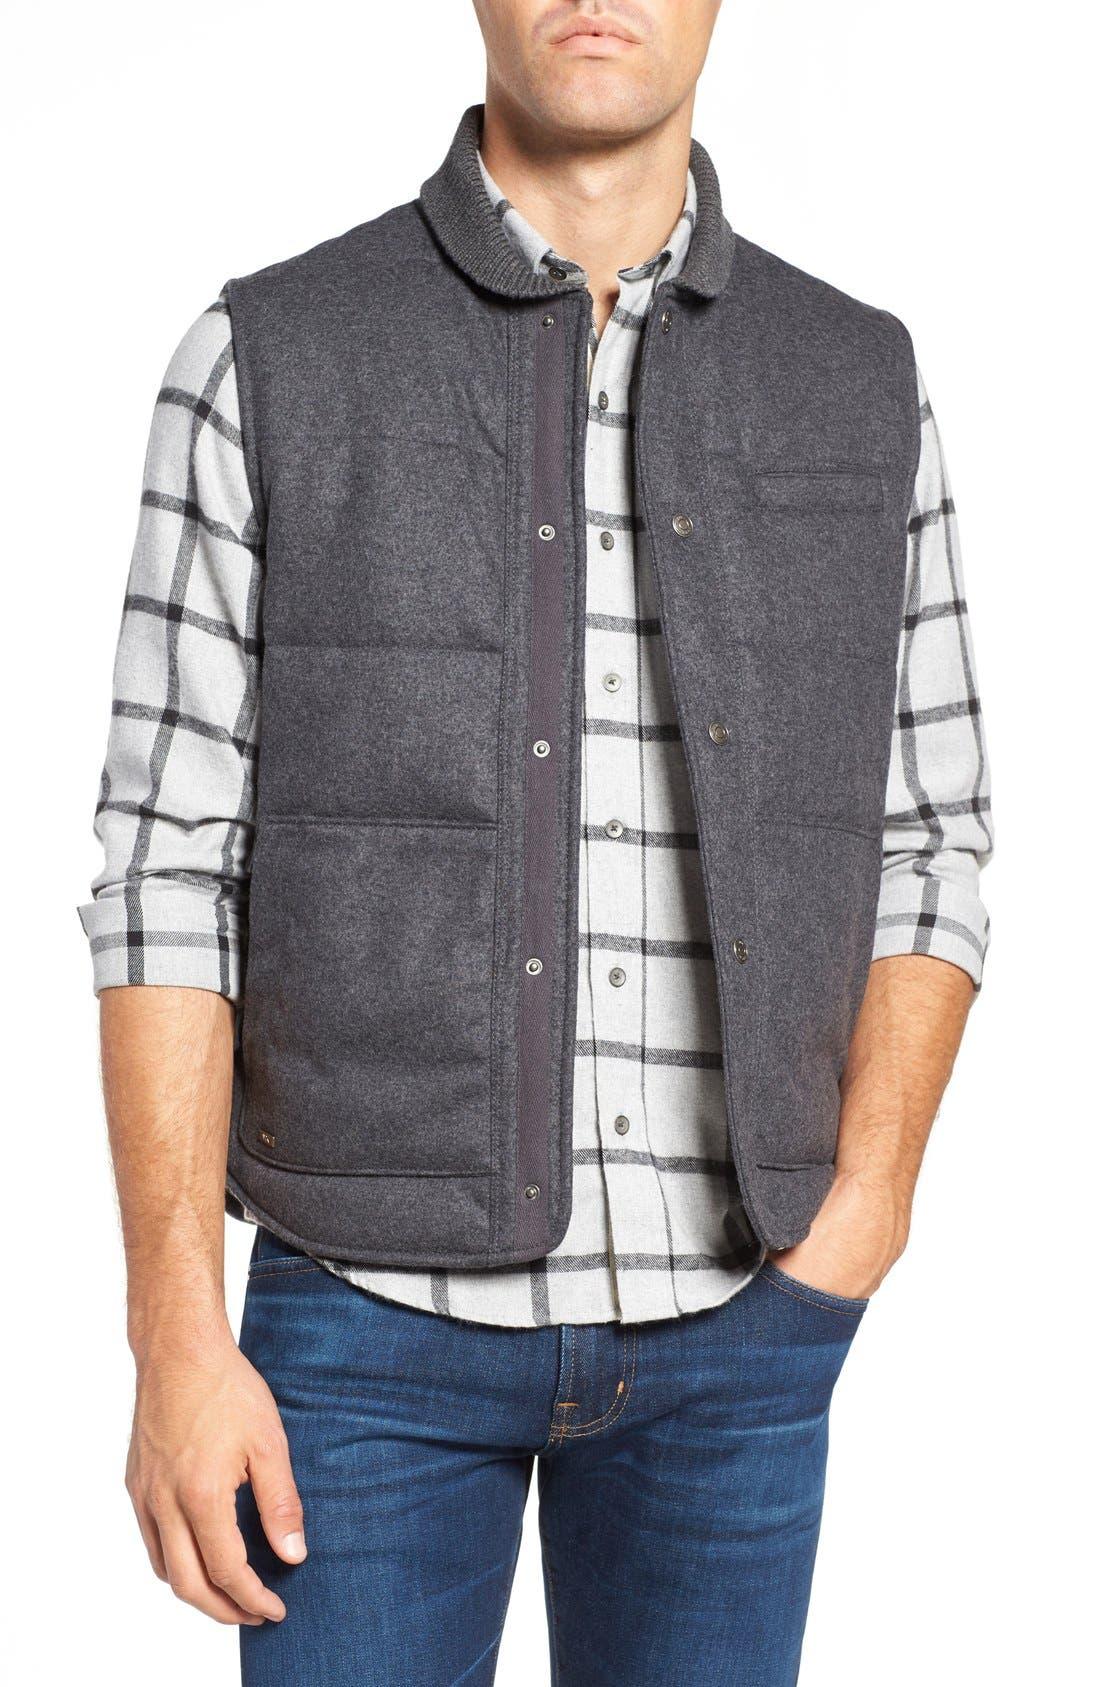 Pritchel Quilted Vest,                             Main thumbnail 1, color,                             010